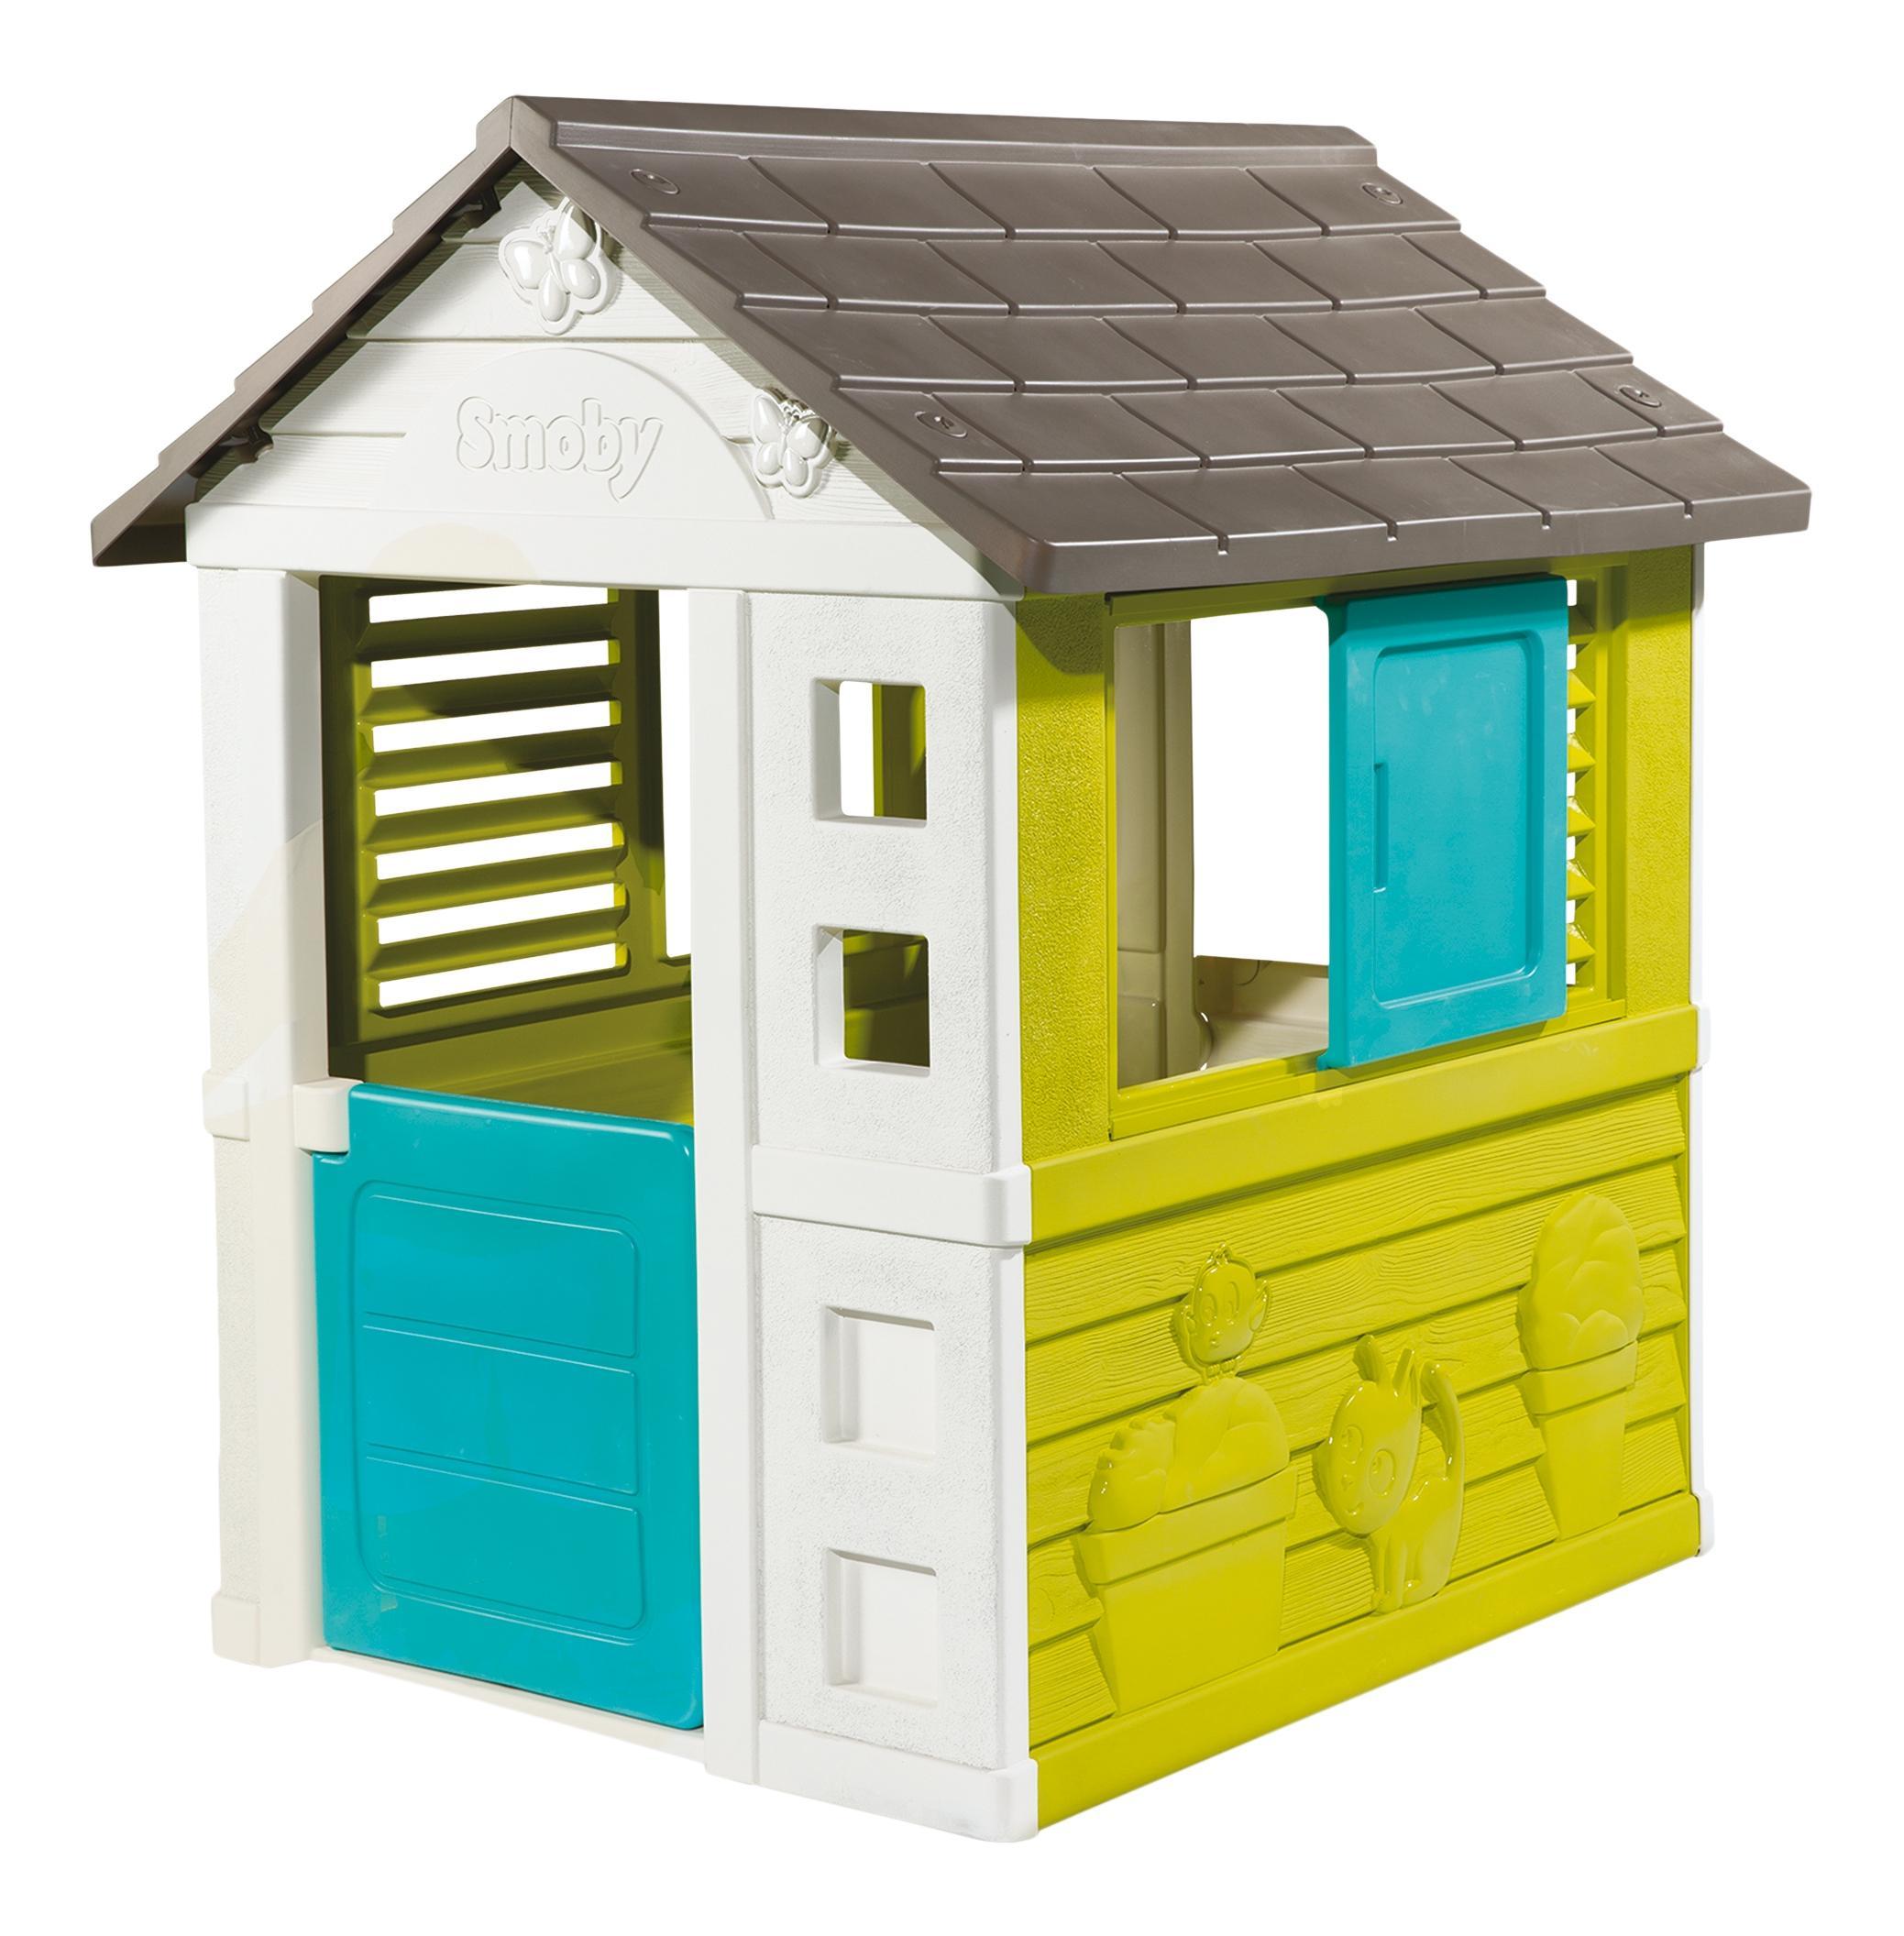 Купить Игровой домик, bg, 98*111*127см, 1/1, Smoby, Игровые домики